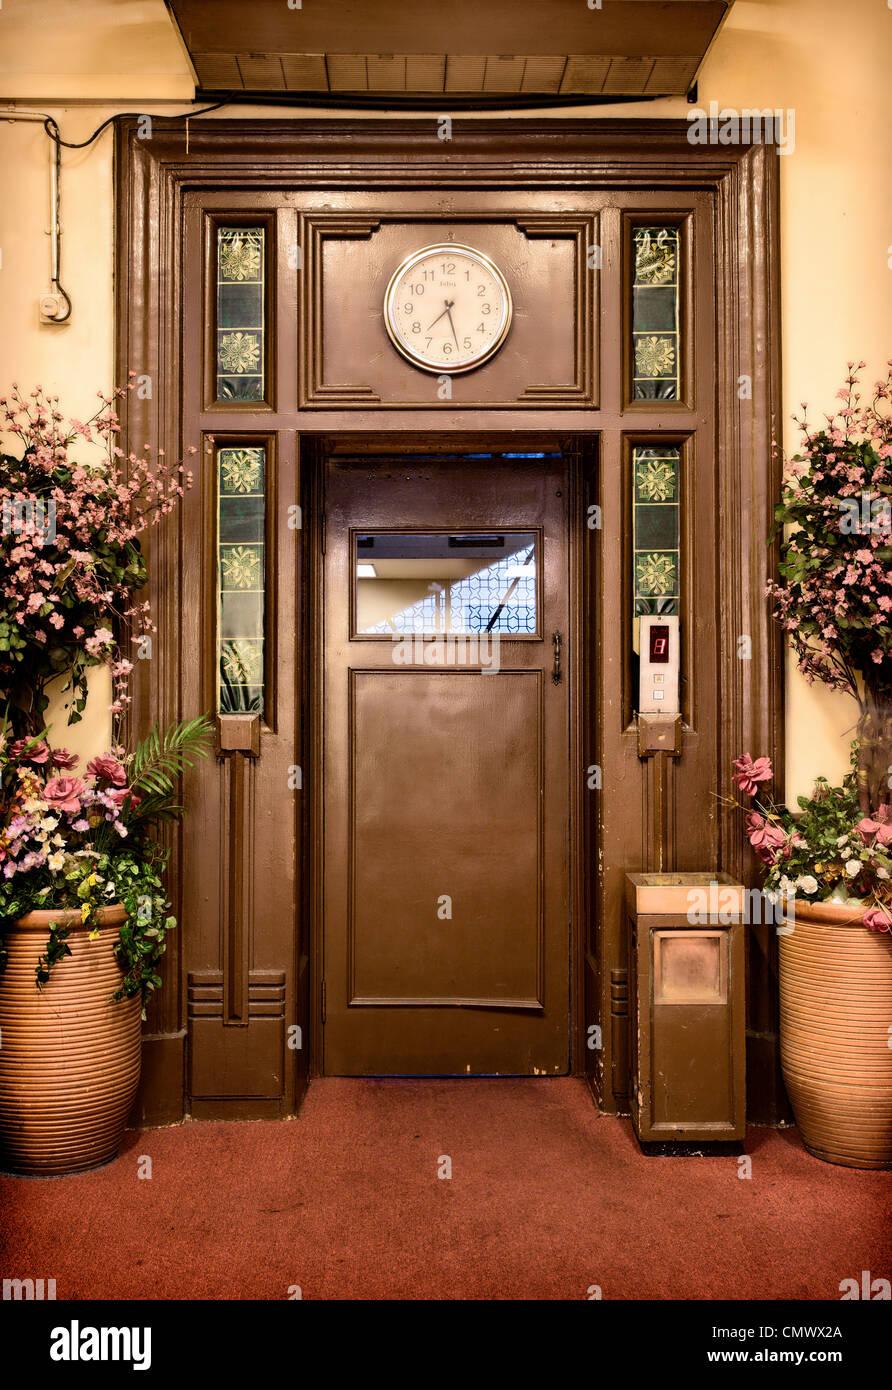 Old vintage porte de l'ascenseur dans le hall Photo Stock